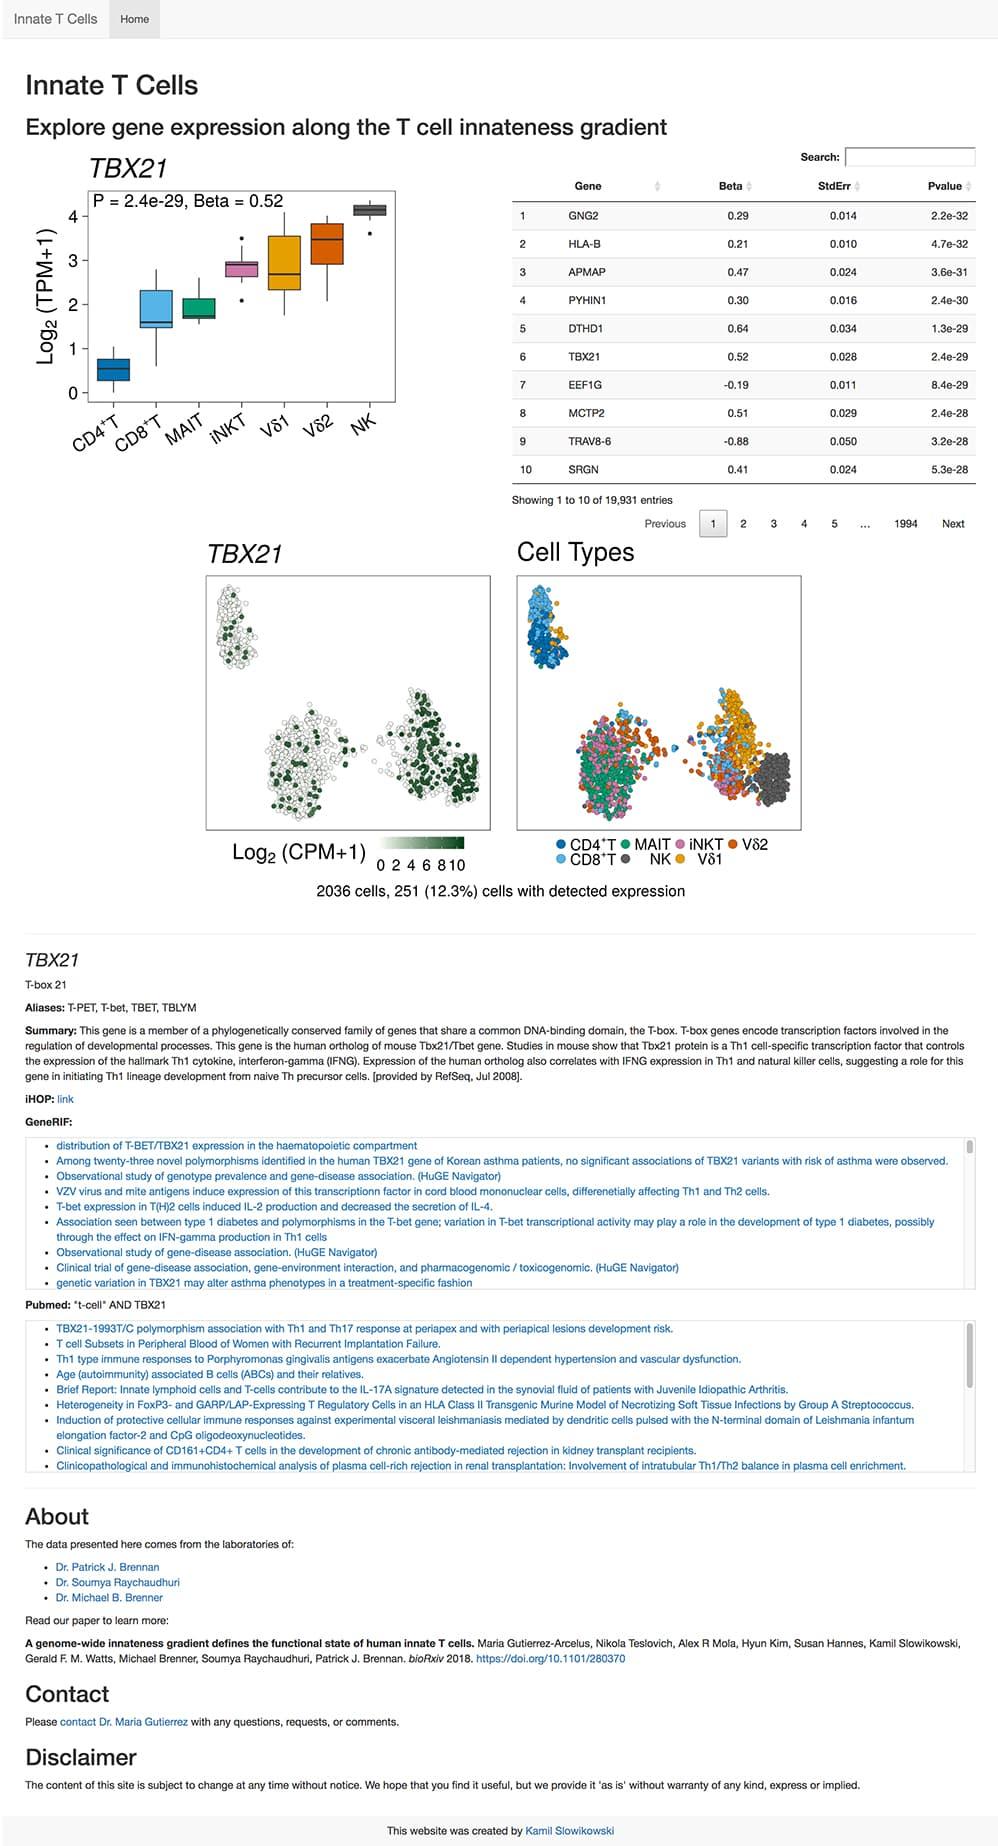 immunogenomics.io/itc